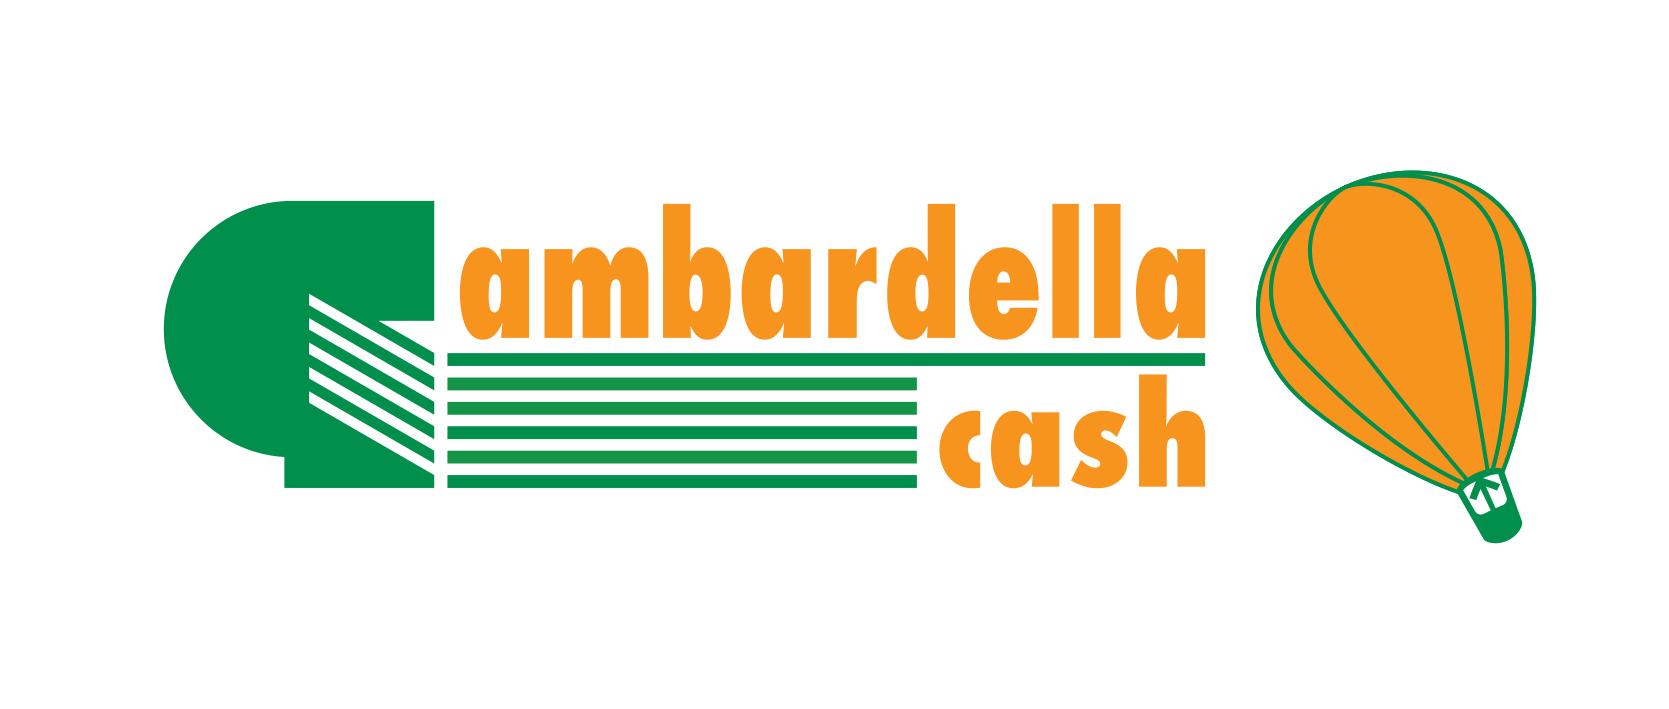 Logo Gambardella cash GDO (Grande Distribuzione Organizzata)